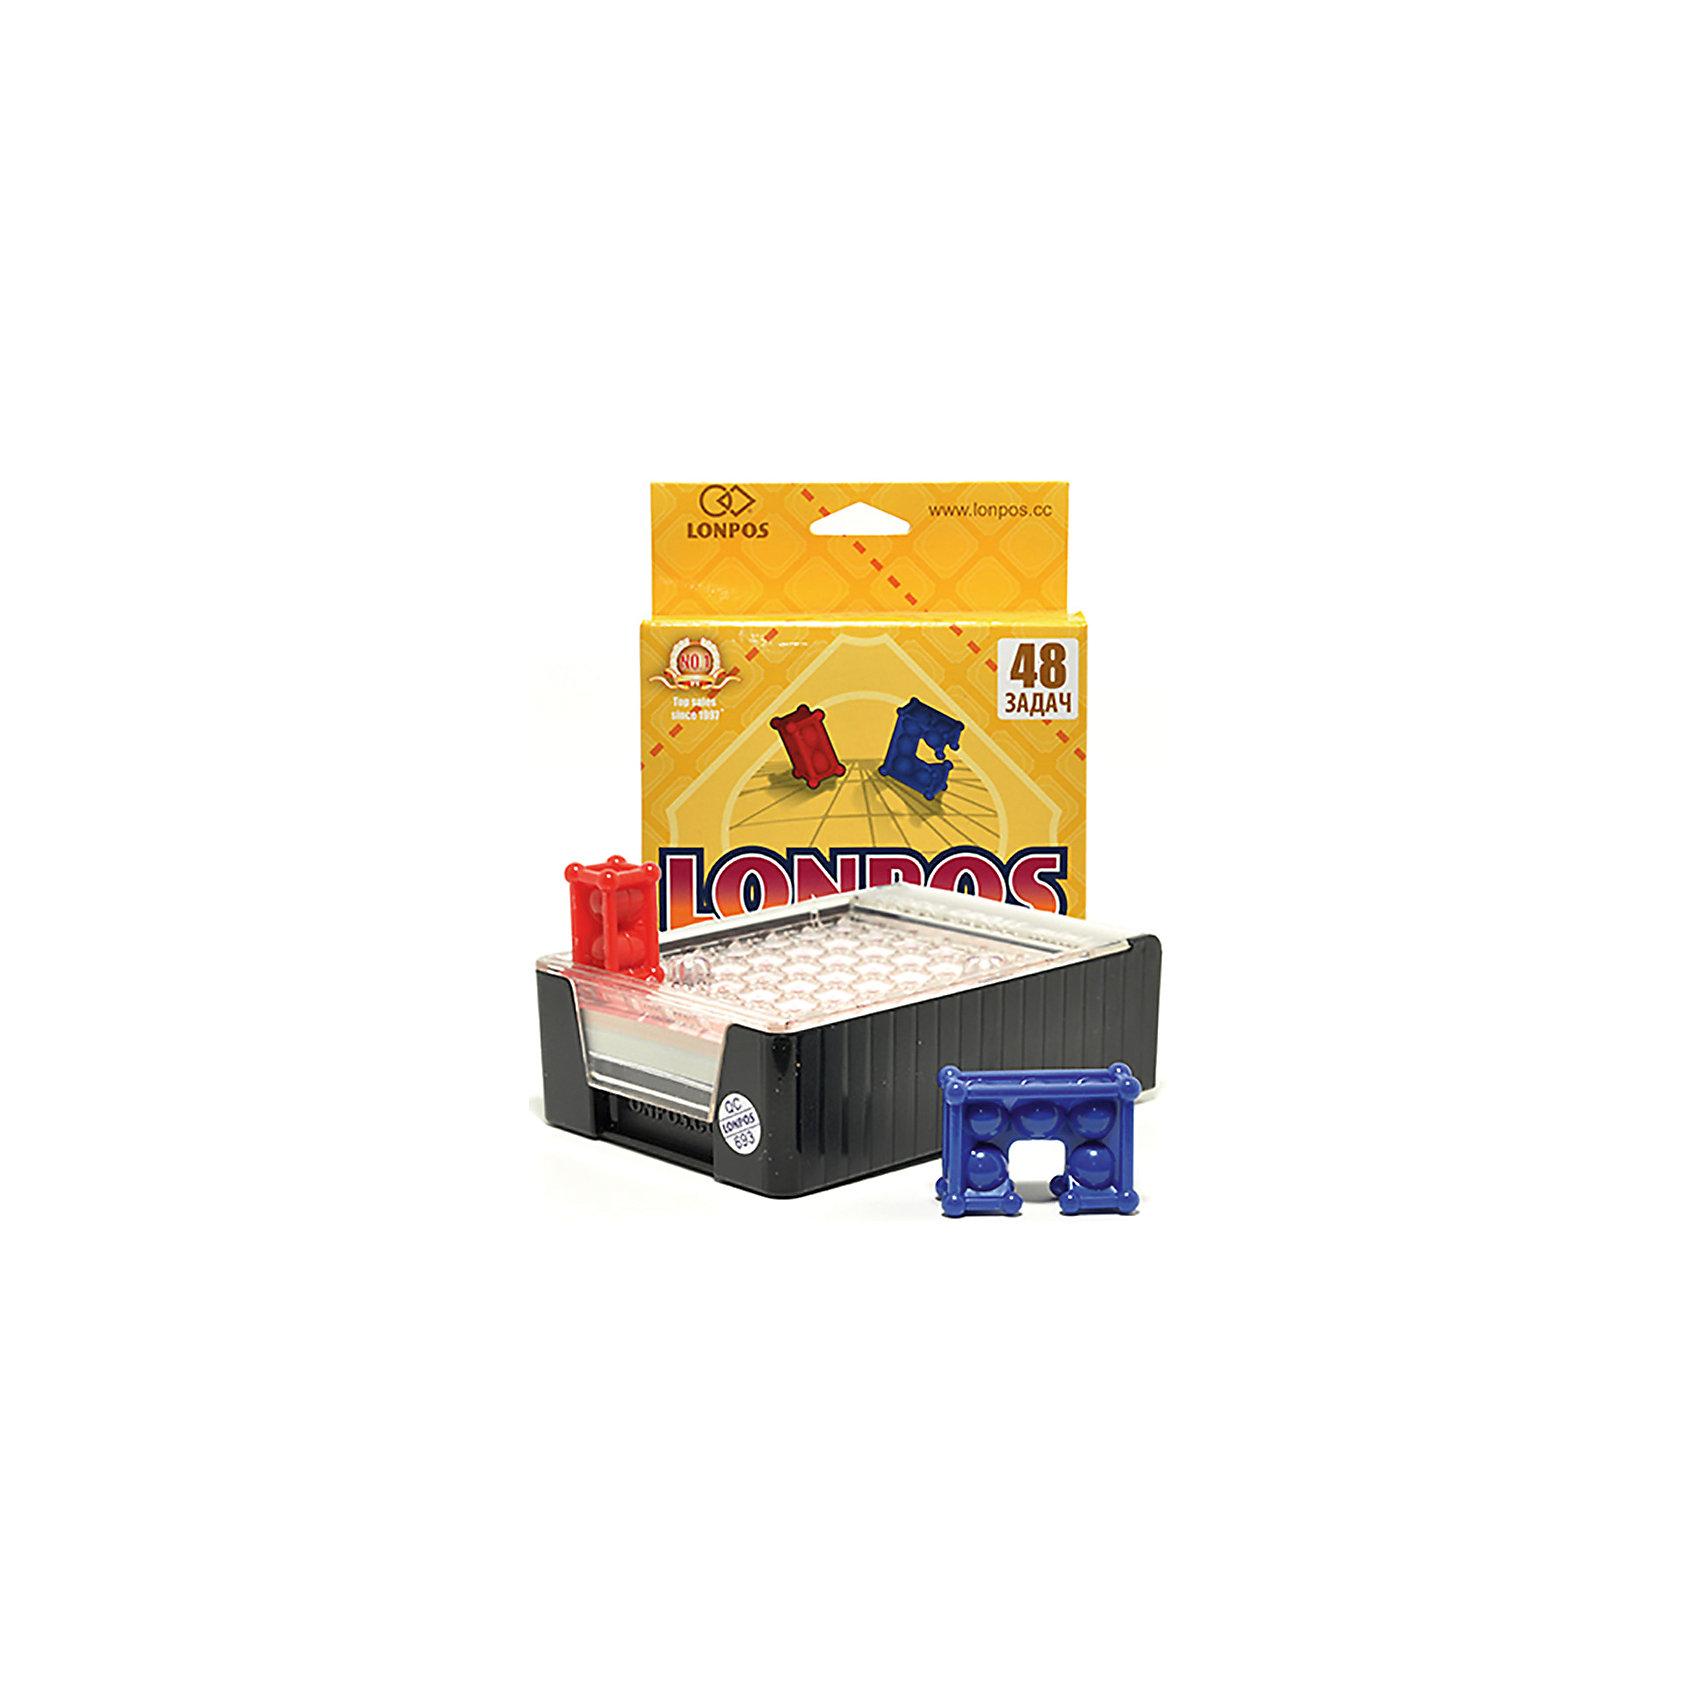 Головоломка Coco Cross 48 задач, LonposКлассические головоломки<br>Головоломка Coco Cross 48 задач, Lonpos<br><br>Характеристики:<br><br>- в набор входит: поле, 2 фигурки, задания<br>- материал: пластик, металл, картон<br>- размер упаковки: 11,5 * 4 * 15,5 см. <br>- вес: 200 гр.<br><br>Головоломка Coco Cross (Коко Кросс) от знаменитого бренда развивающих головоломок для детей Lonpos (Лонпос) добавит новизны в коллекцию игрушек и головоломок ребенка. Задача головоломки дойти от старта к финишу в заданное количество ходов по игровому полю красной (более легкий уровень) или синей (продвинутый уровень) фигуркой перекатывая ее по полю и обходя препятствия. В набор входит 48 карточек – это и есть поля, которые усложняются с каждой игрой. В поле встроены утяжелители для большей реалистичности препятствий. Имея под рукой несколько головоломок можно устраивать веселые соревнования на время. Яркая и интересная игрушка поможет развить логическое мышление, внимание, моторику и терпение. Головоломка упакована в фирменную стильную коробку.<br><br>Головоломку Coco Cross 48 задач, Lonpos (Лонпос) можно купить в нашем интернет-магазине.<br><br>Ширина мм: 34<br>Глубина мм: 154<br>Высота мм: 115<br>Вес г: 182<br>Возраст от месяцев: 72<br>Возраст до месяцев: 2147483647<br>Пол: Унисекс<br>Возраст: Детский<br>SKU: 5191415